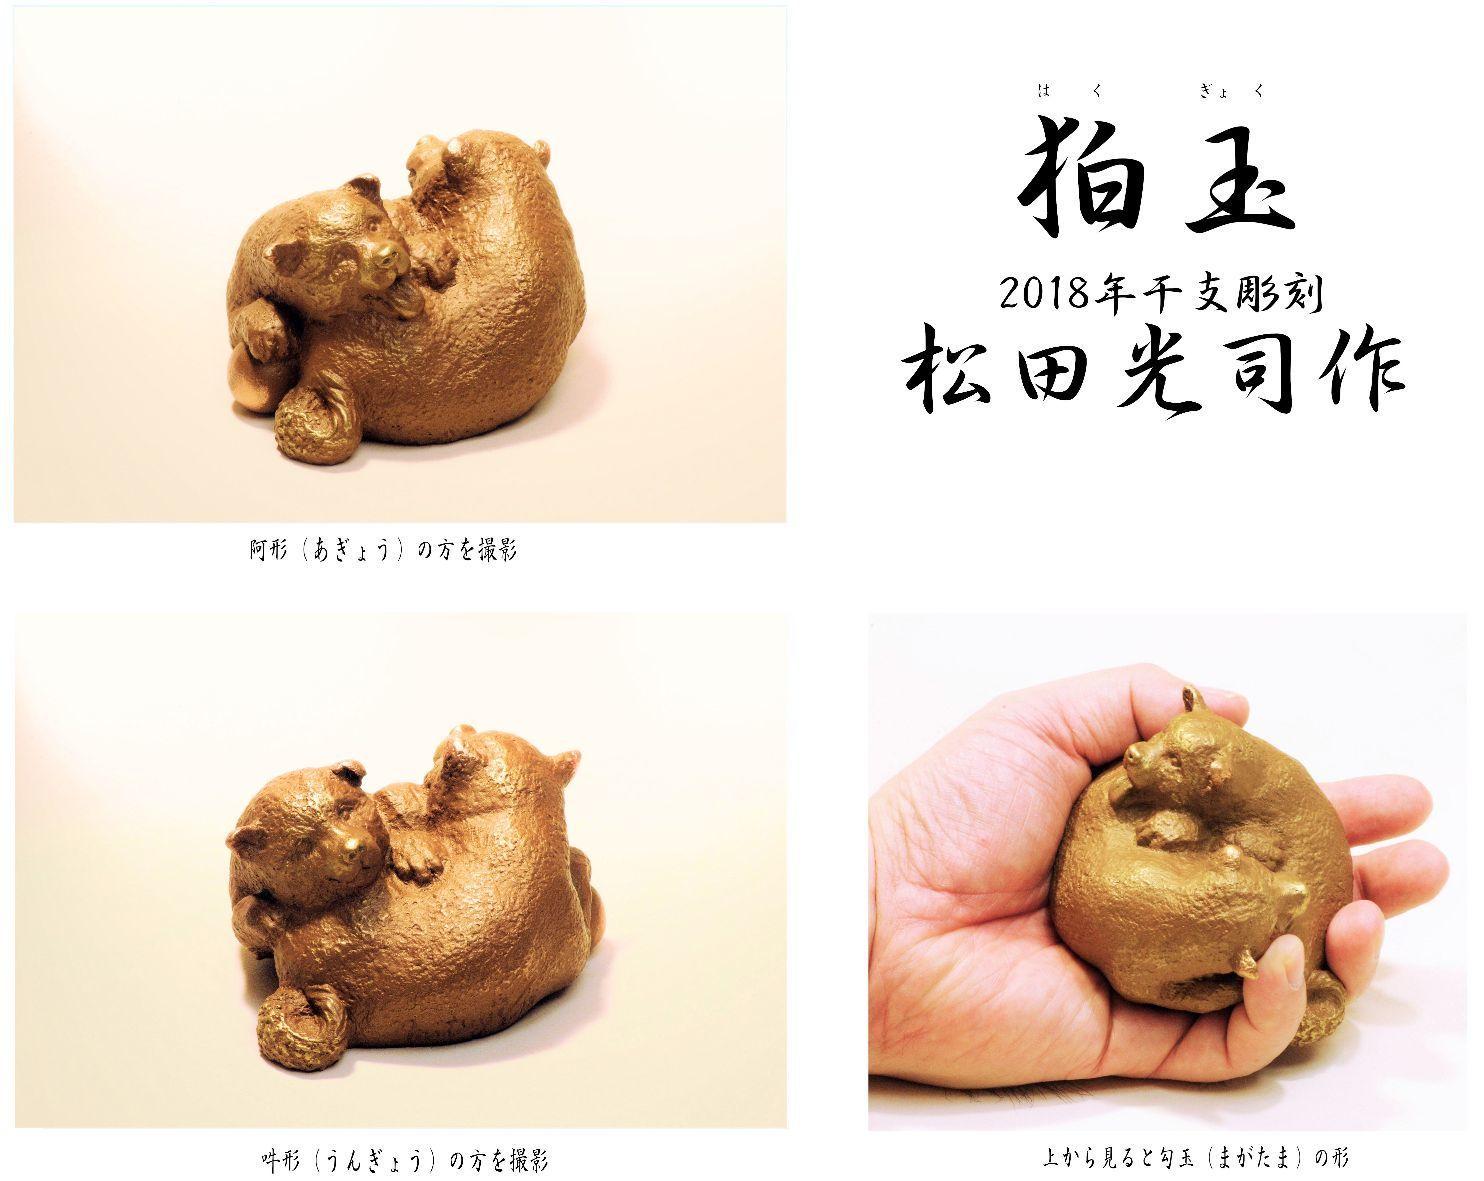 「狛玉」ブログ掲載用